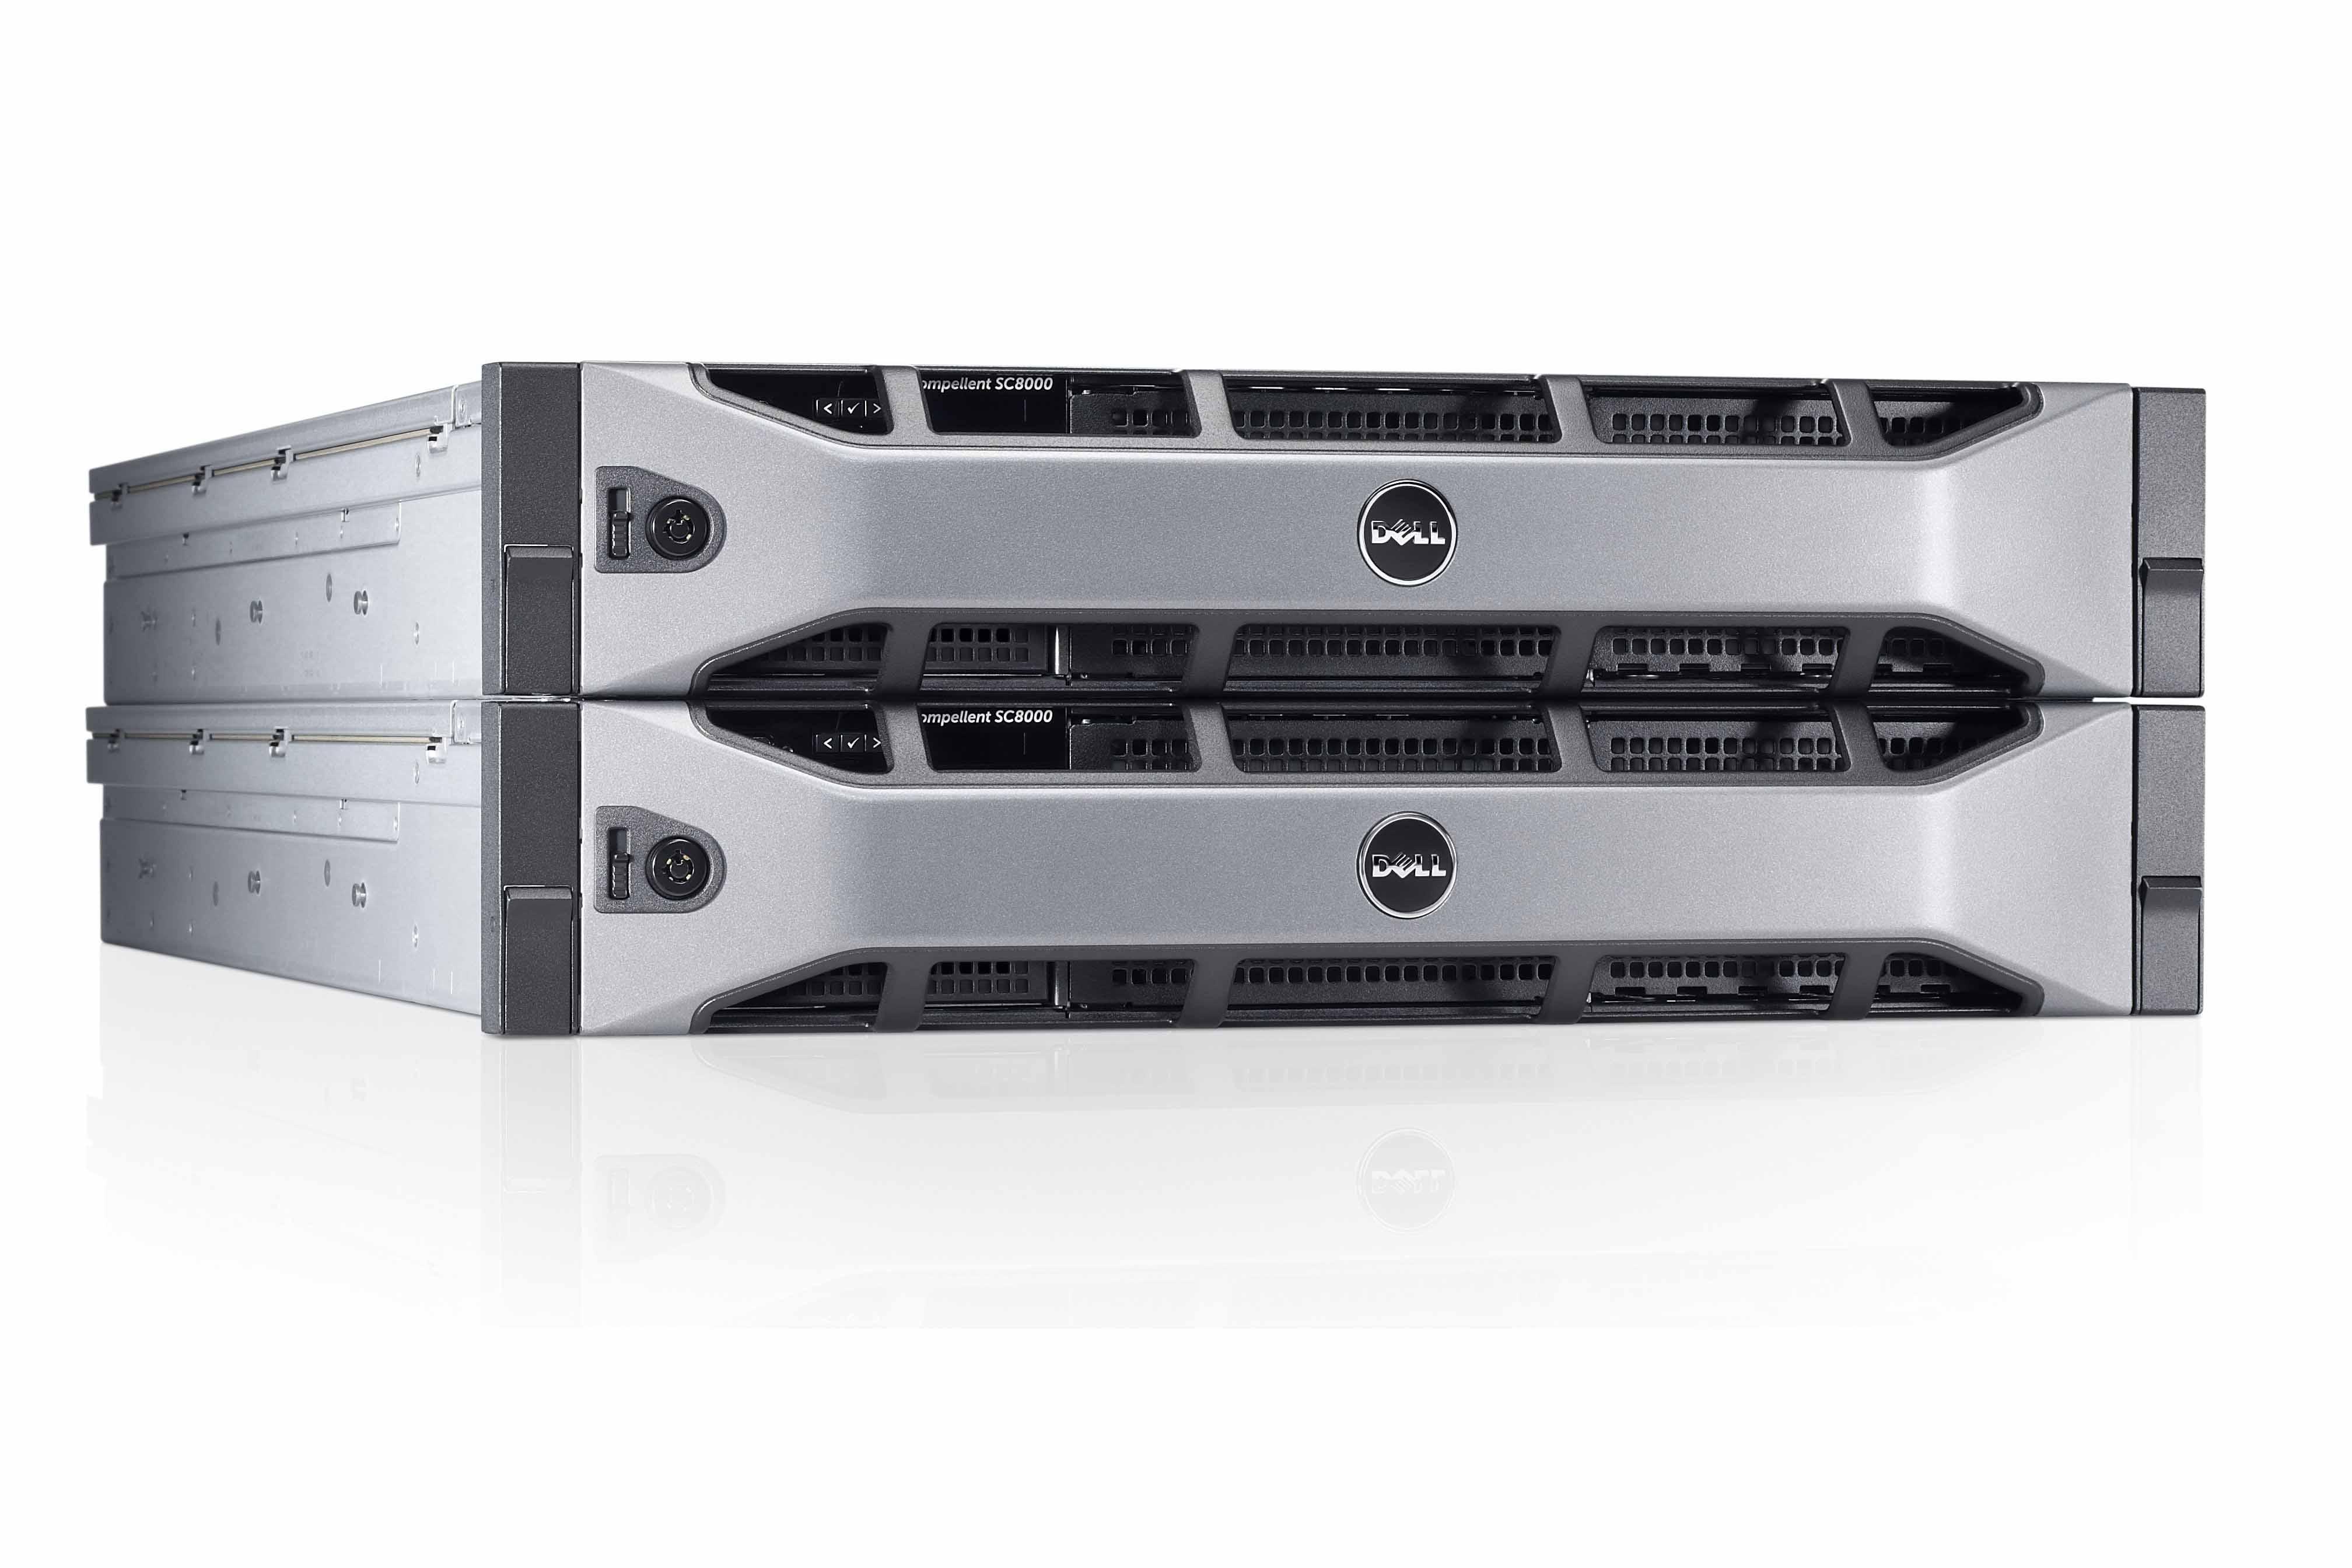 Dell Compellent Storage Center 6 3 review | IT PRO